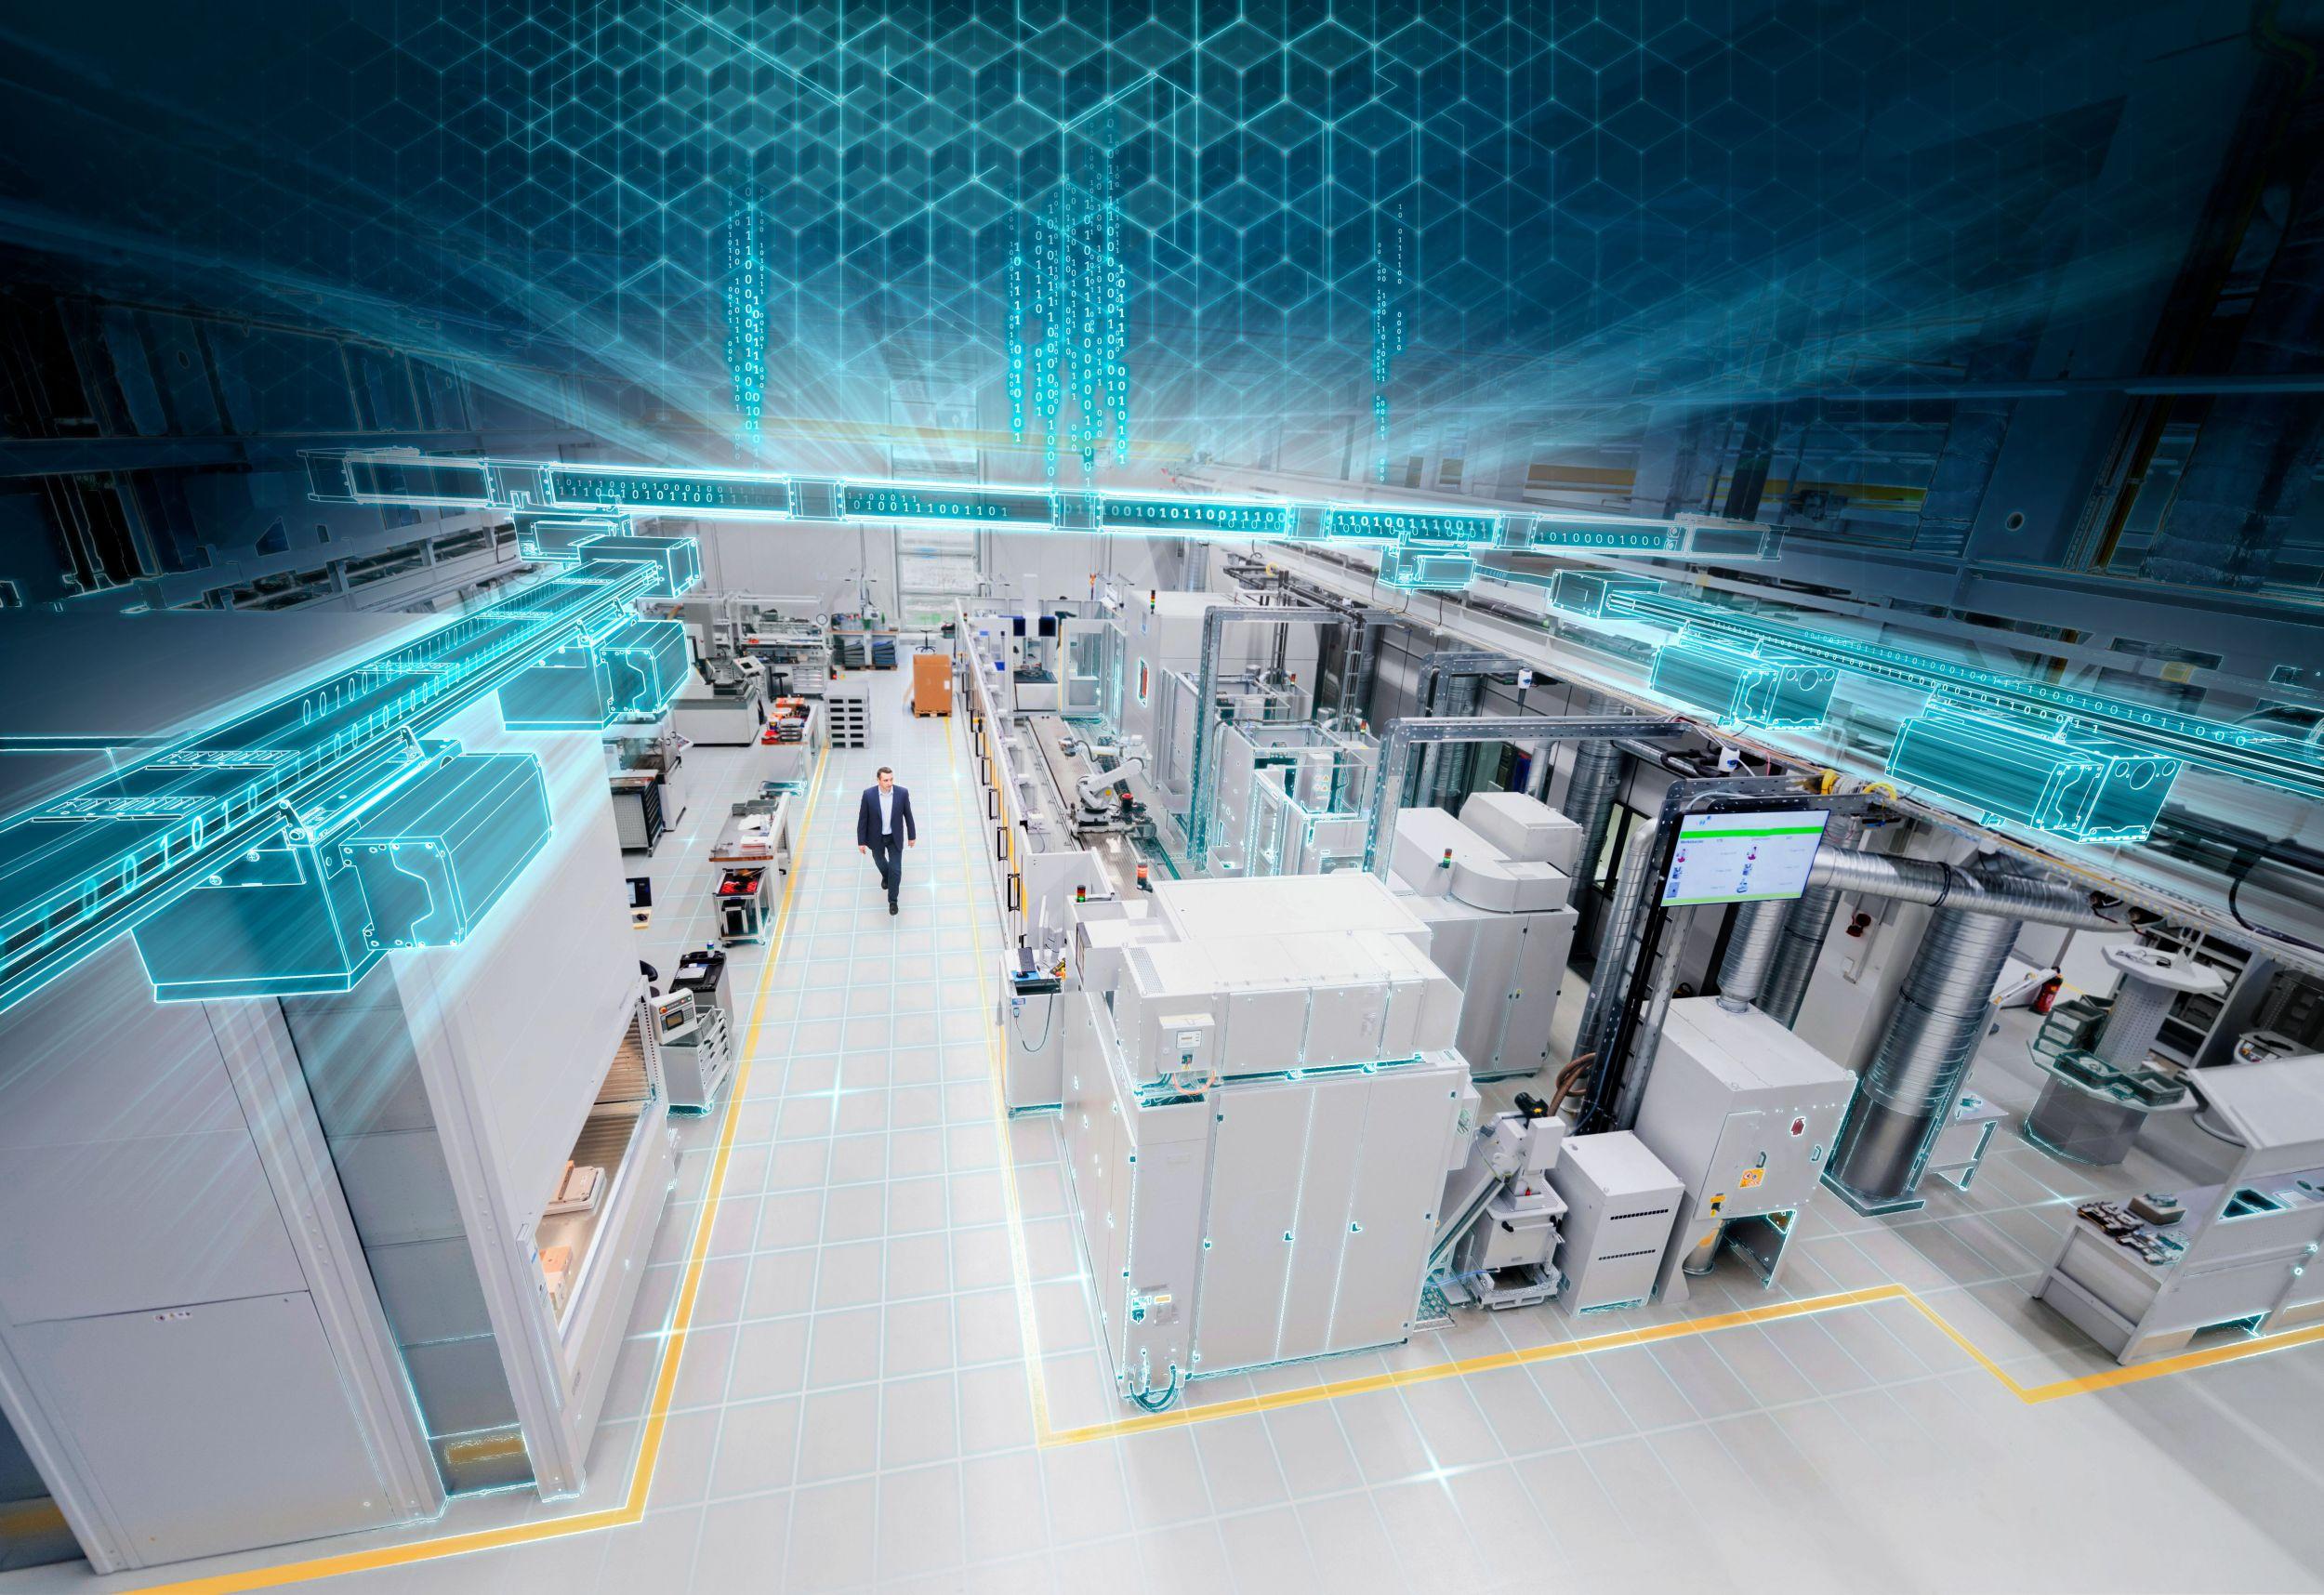 Mit der neuen Powerline-Technologie können die Schienenverteiler-Systeme des Sivacon 8PS-Portfolios künftig nicht nur Strom, sondern auch Daten übertragen. (Bild: Siemens AG)